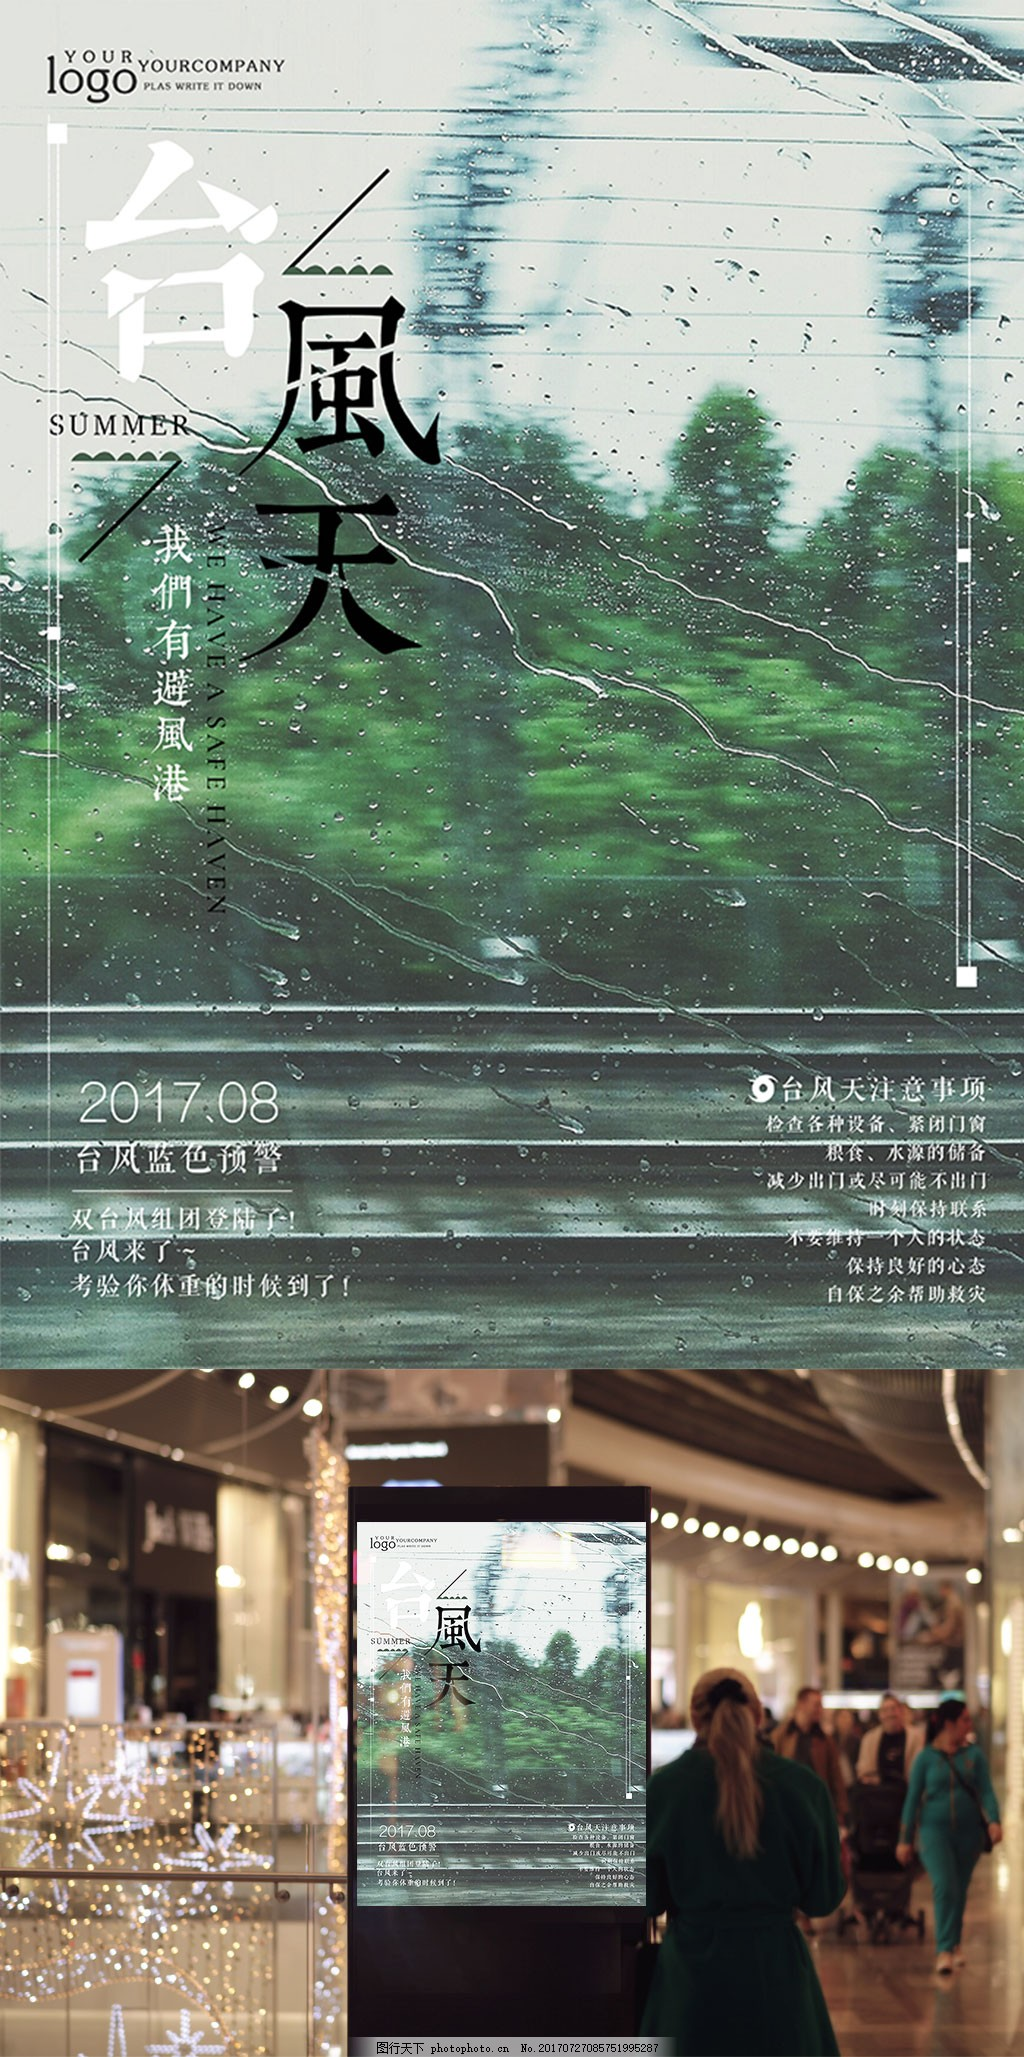 文艺台风天台风预警海报 小清新 台风预防 台风注意事项 天气 下雨